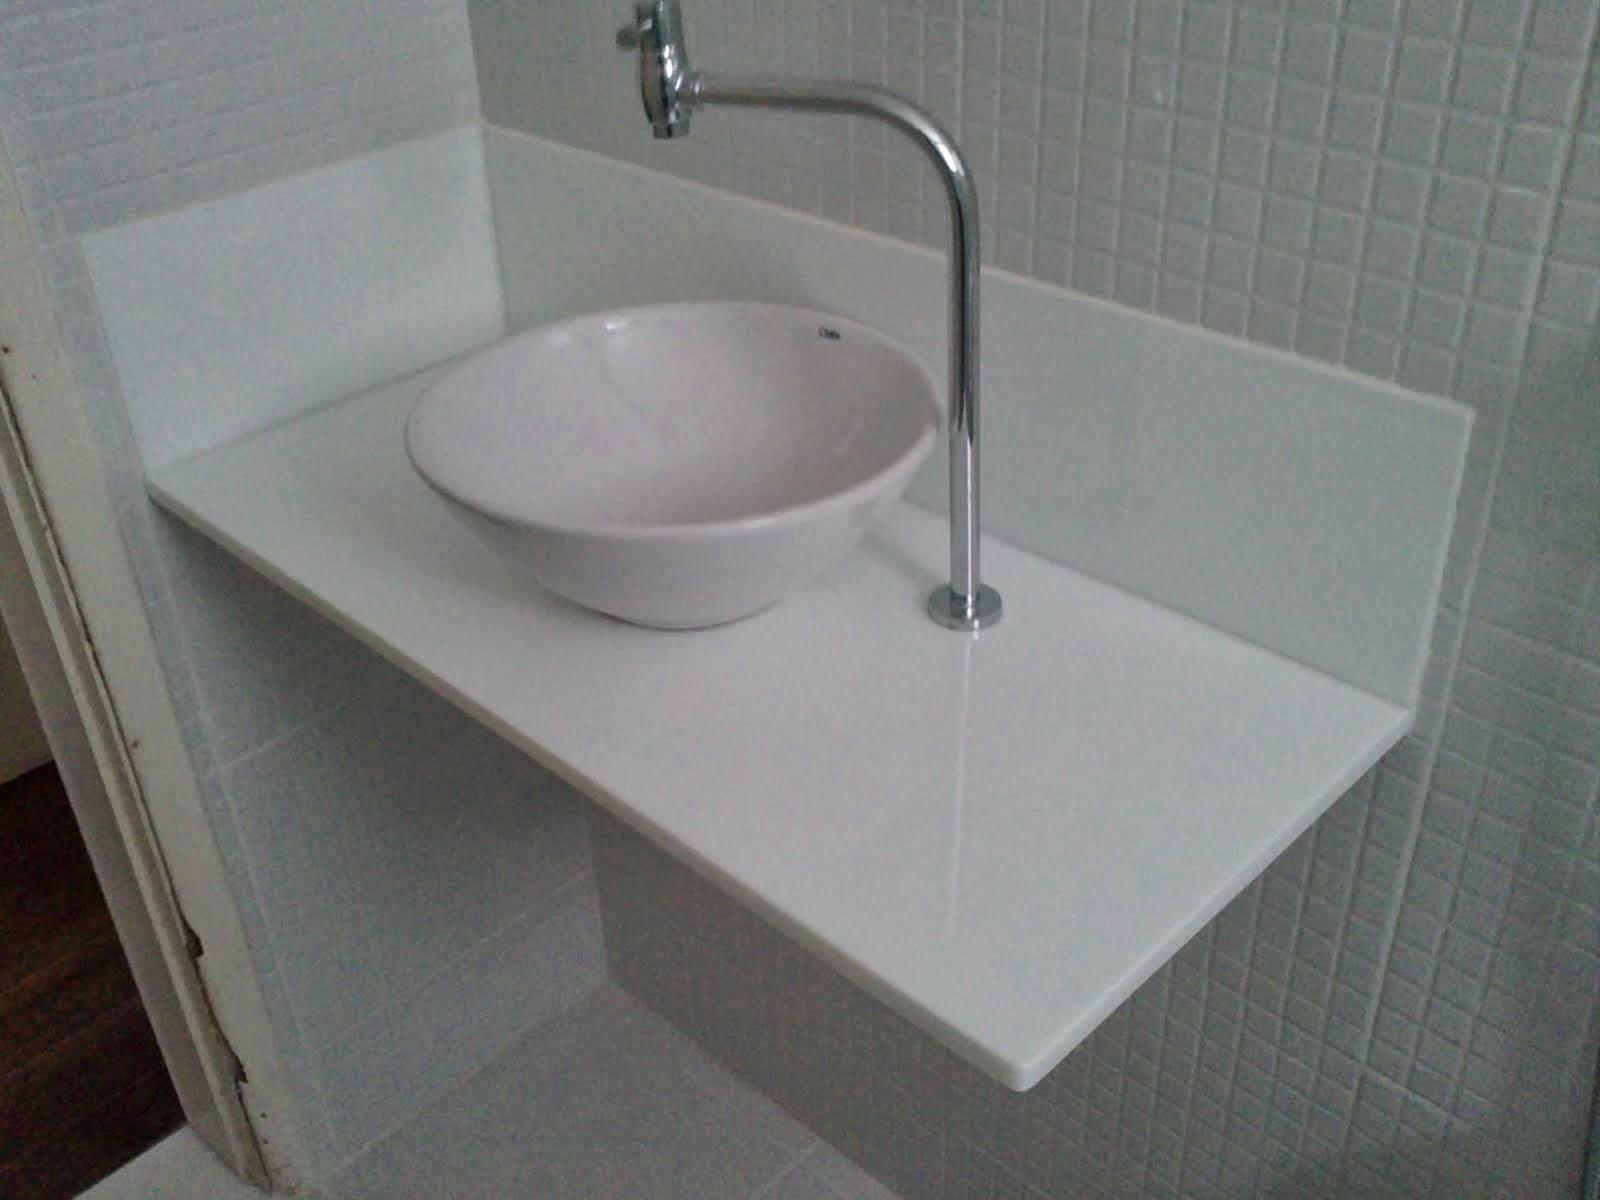 Ajuda pia do banheiro  Vida Louca de Casada  Blog sobre decoração, DIY, cu -> Pia De Banheiro Plastica